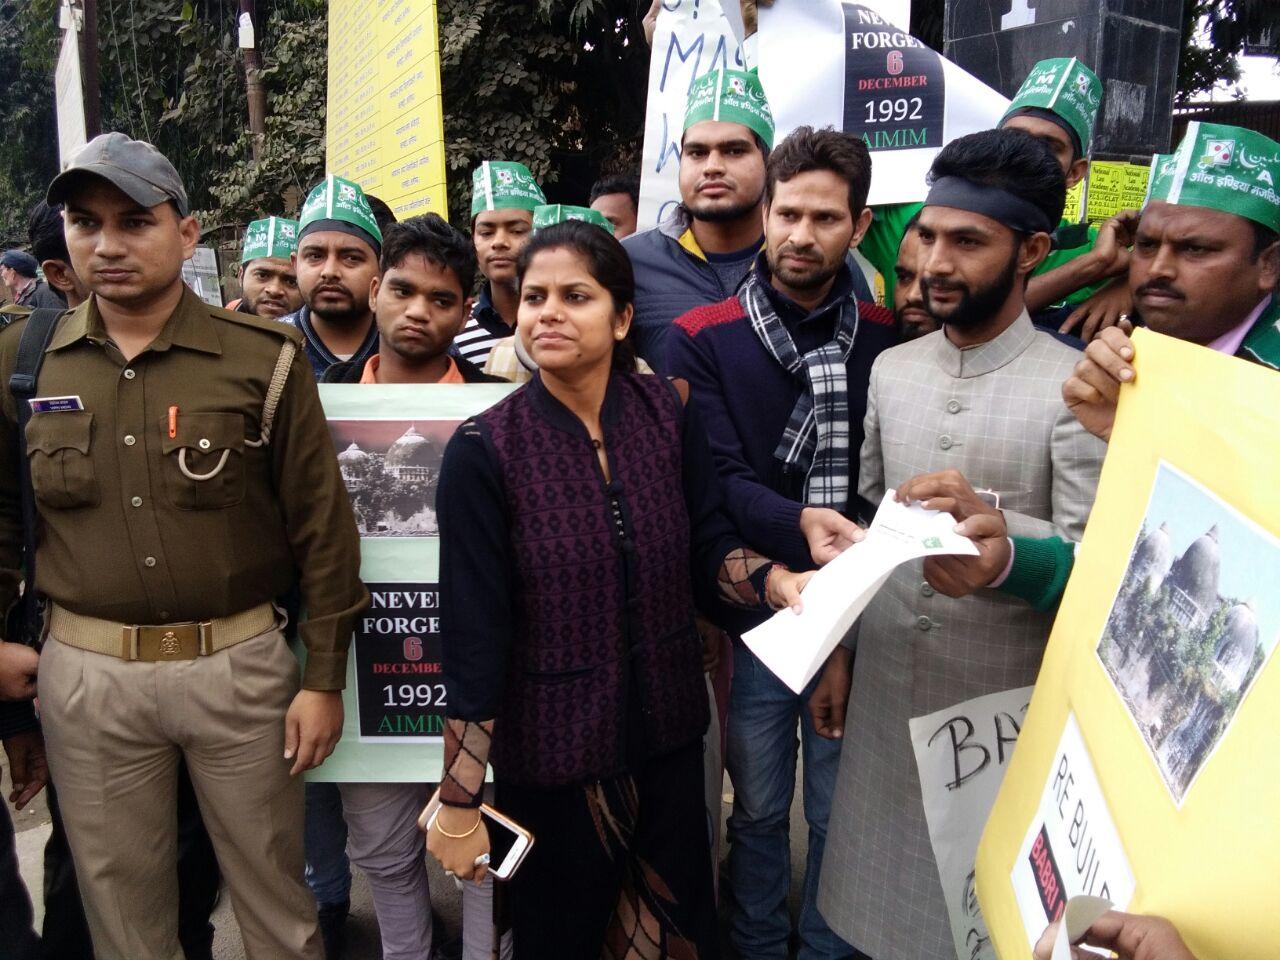 अलीगढ़:--आल इंडिया मजलिस-ए-इत्तेहादुल मुस्लिमीन ने बुधवार को बाबरी मस्जिद की शहादत के विरोध में ए0सी0एम0 सेकंड को सौंपा ज्ञापन।